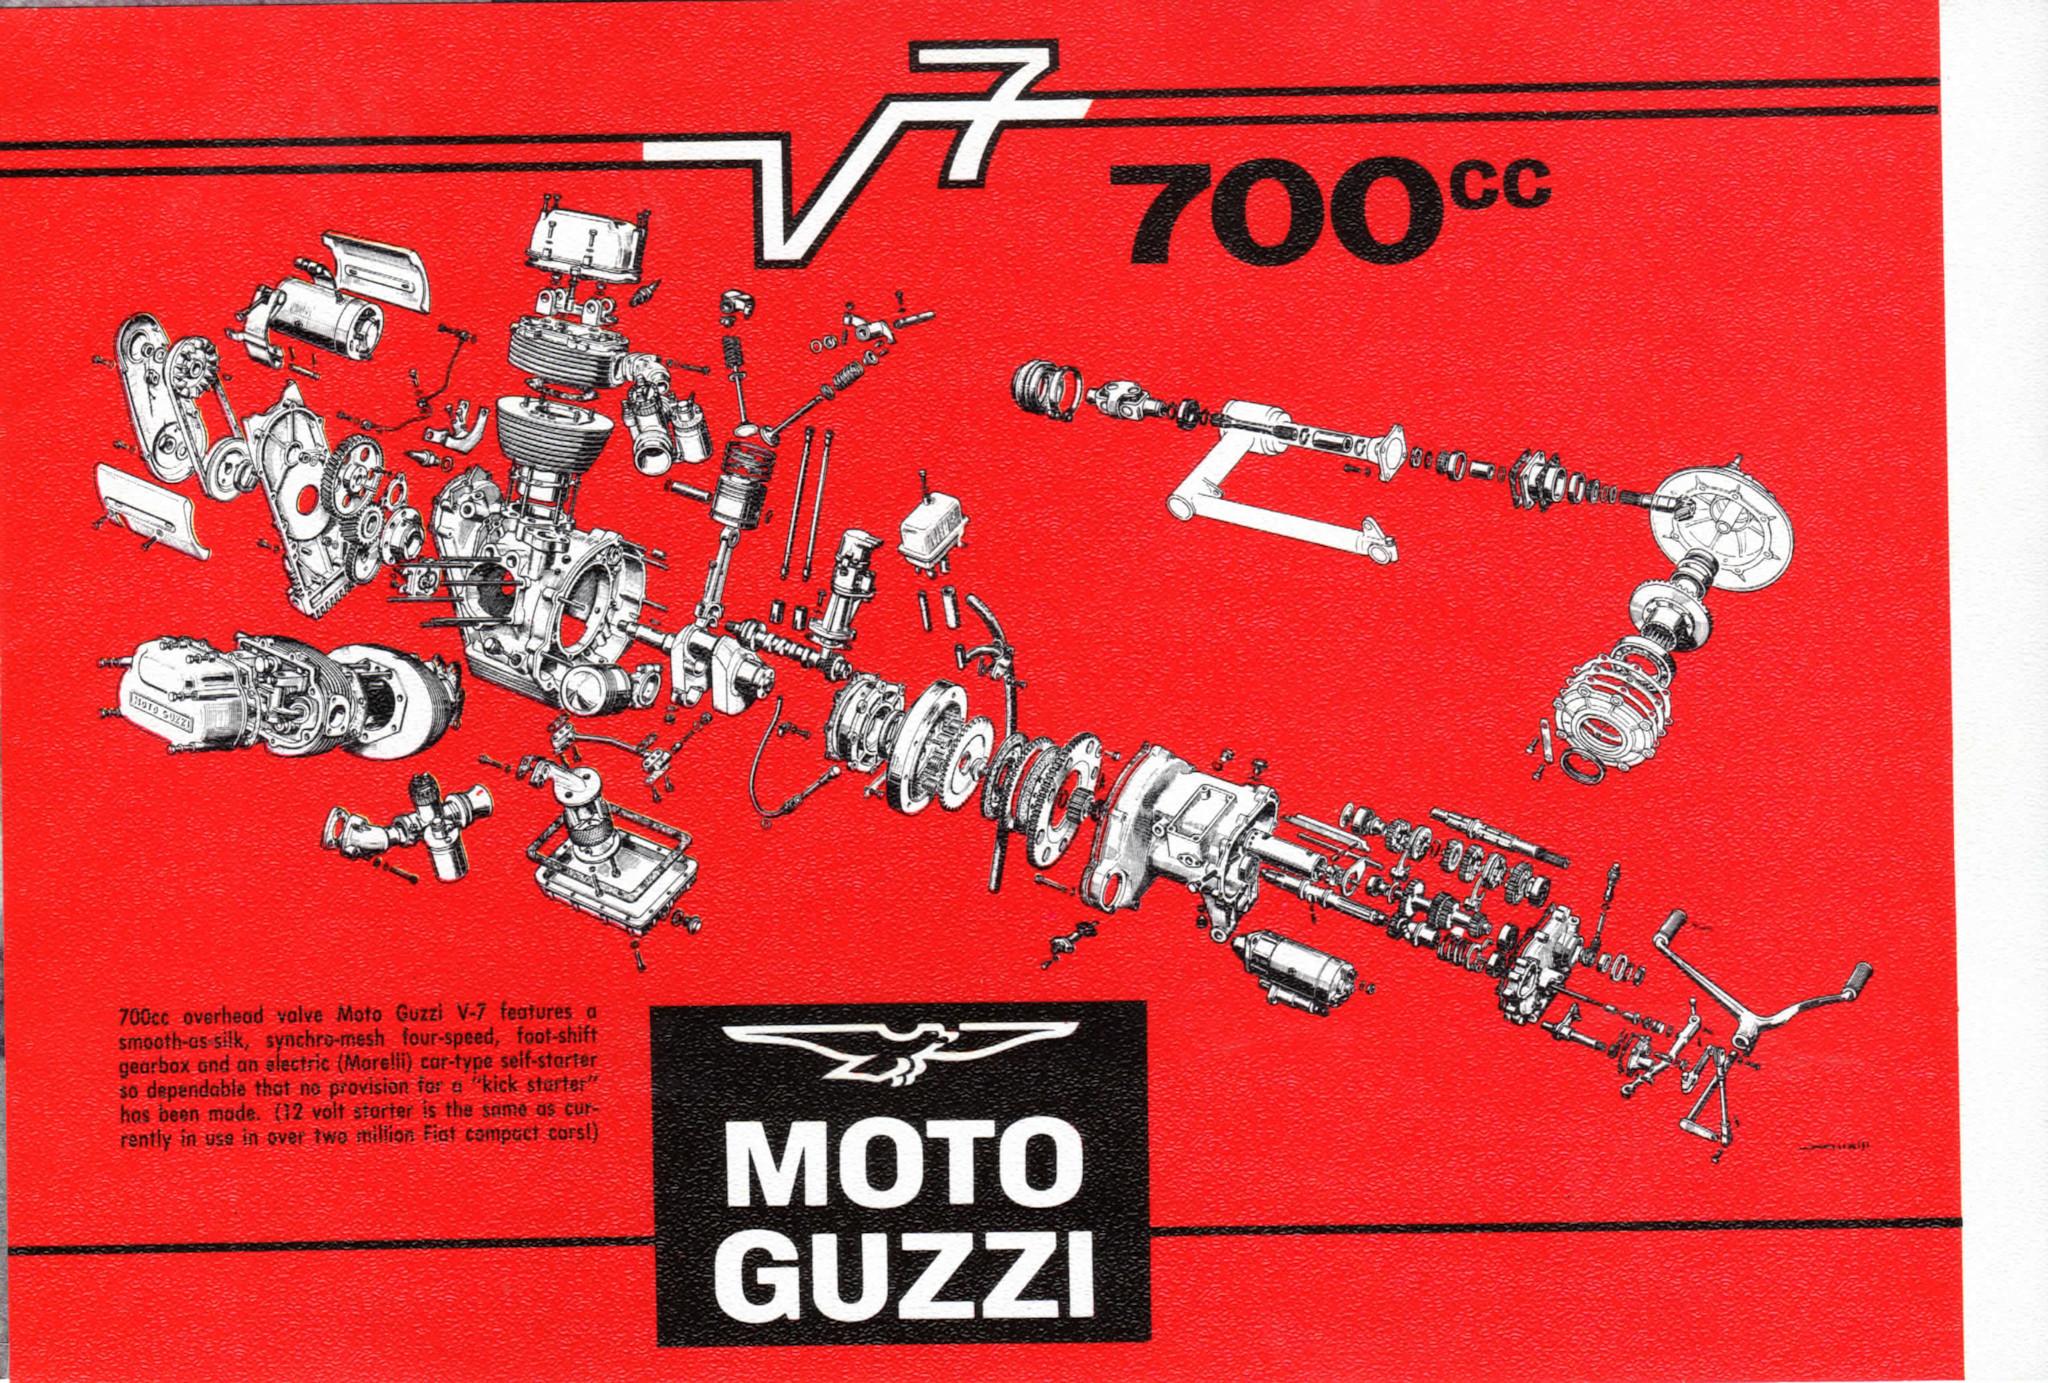 brochure - moto guzzi v700  1967  - more moto guzzi topics - moto guzzi - topics